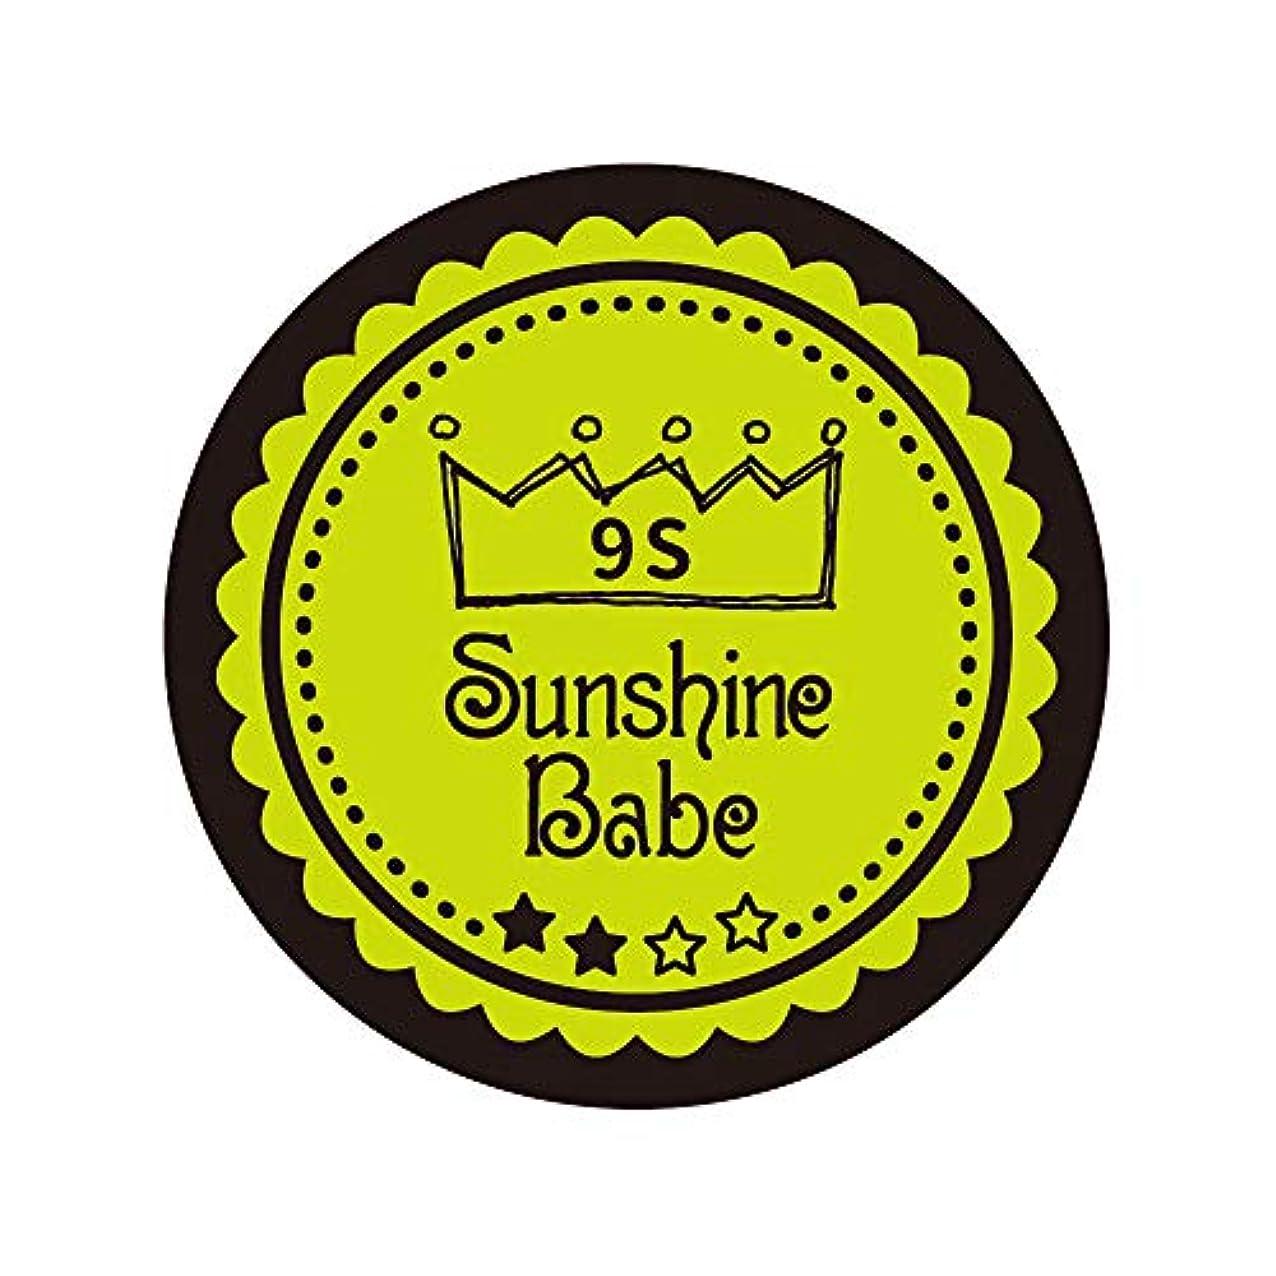 乱す皿書店Sunshine Babe カラージェル 9S ライムパンチ 2.7g UV/LED対応